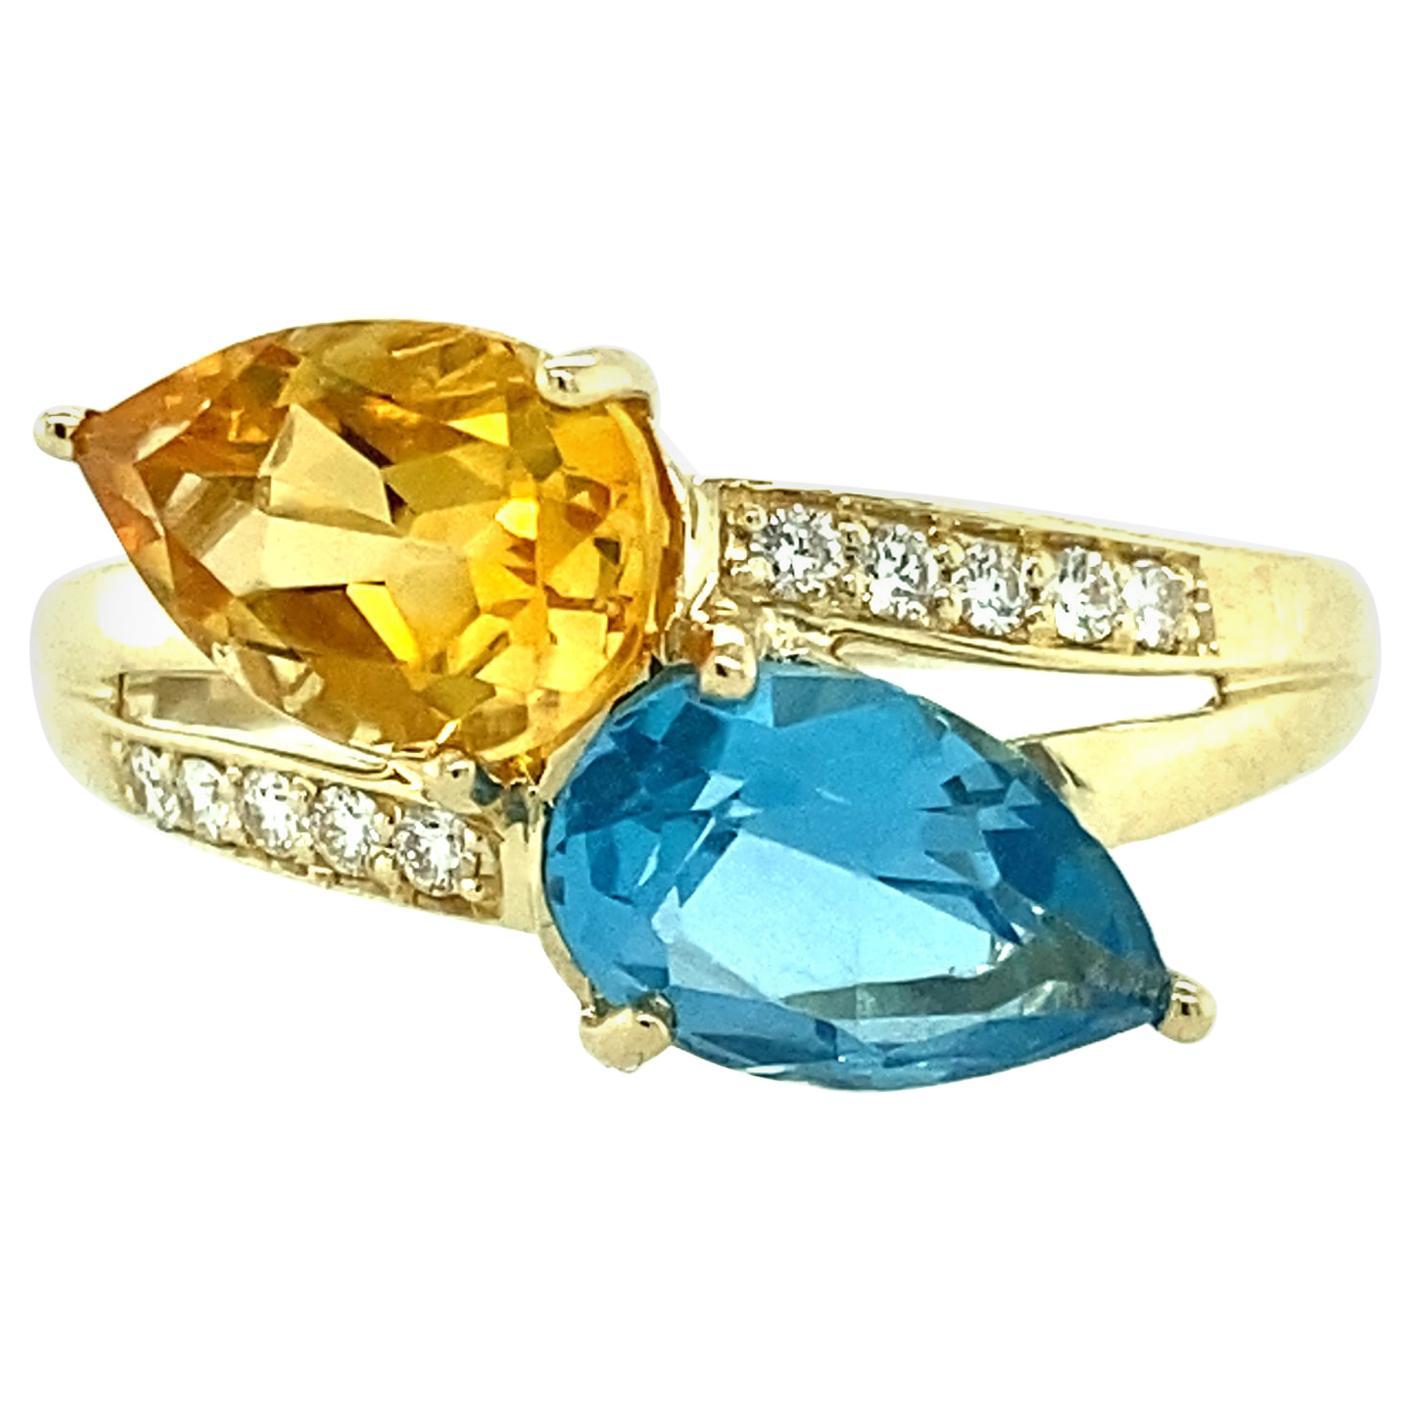 Blue Topaz, Golden Citrine and Diamond Ring